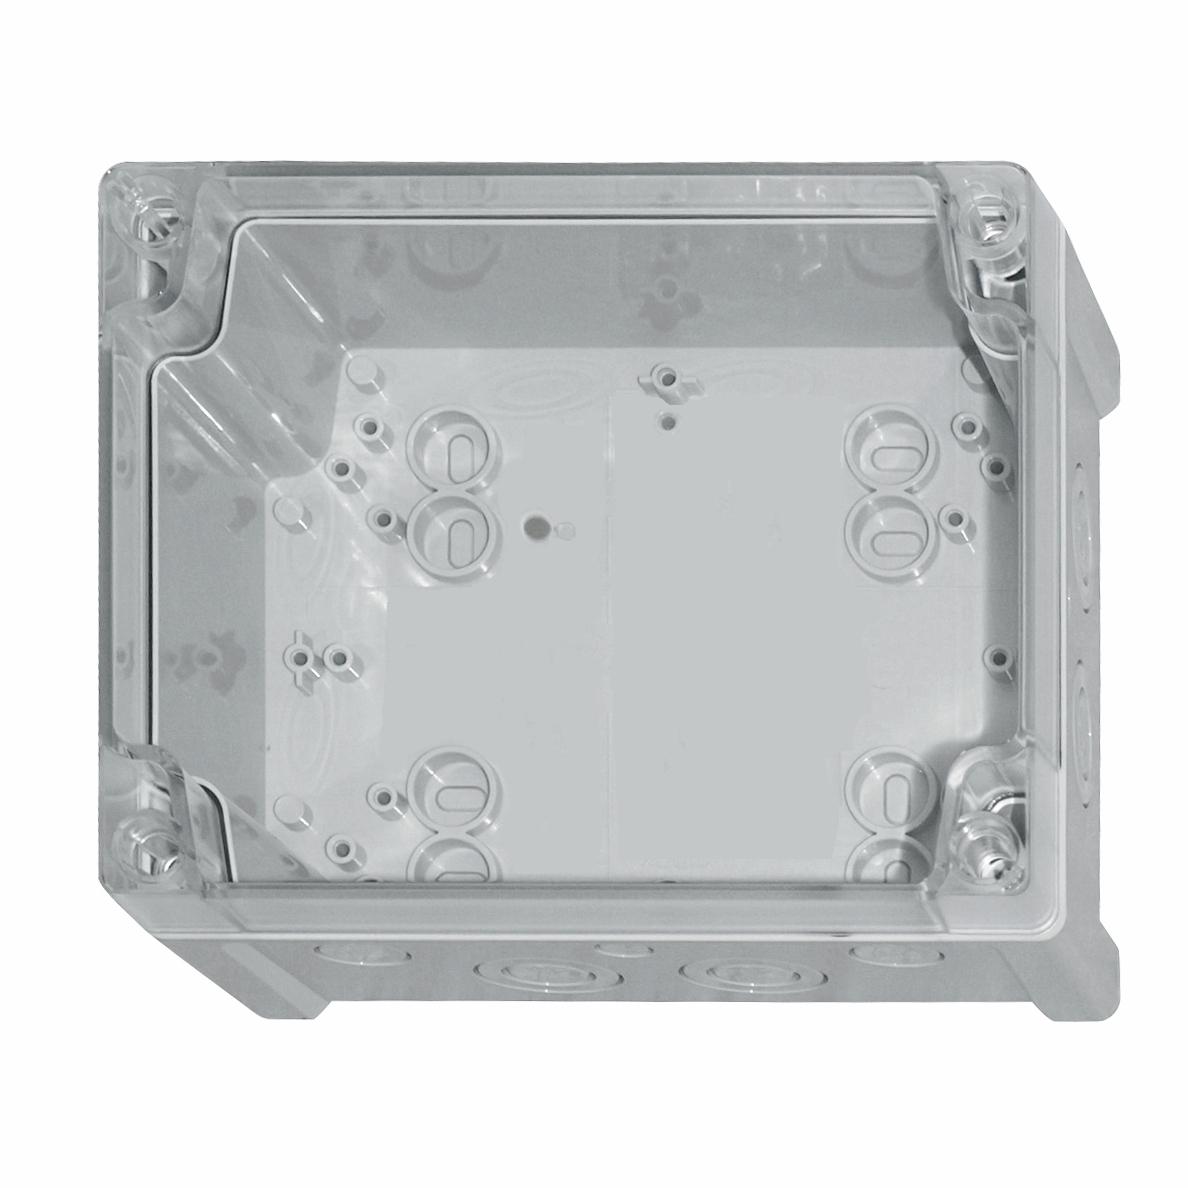 1 Stk ABS Gehäuse mit Deckel transparent, 201x163x98mm, metrisch IG707035--